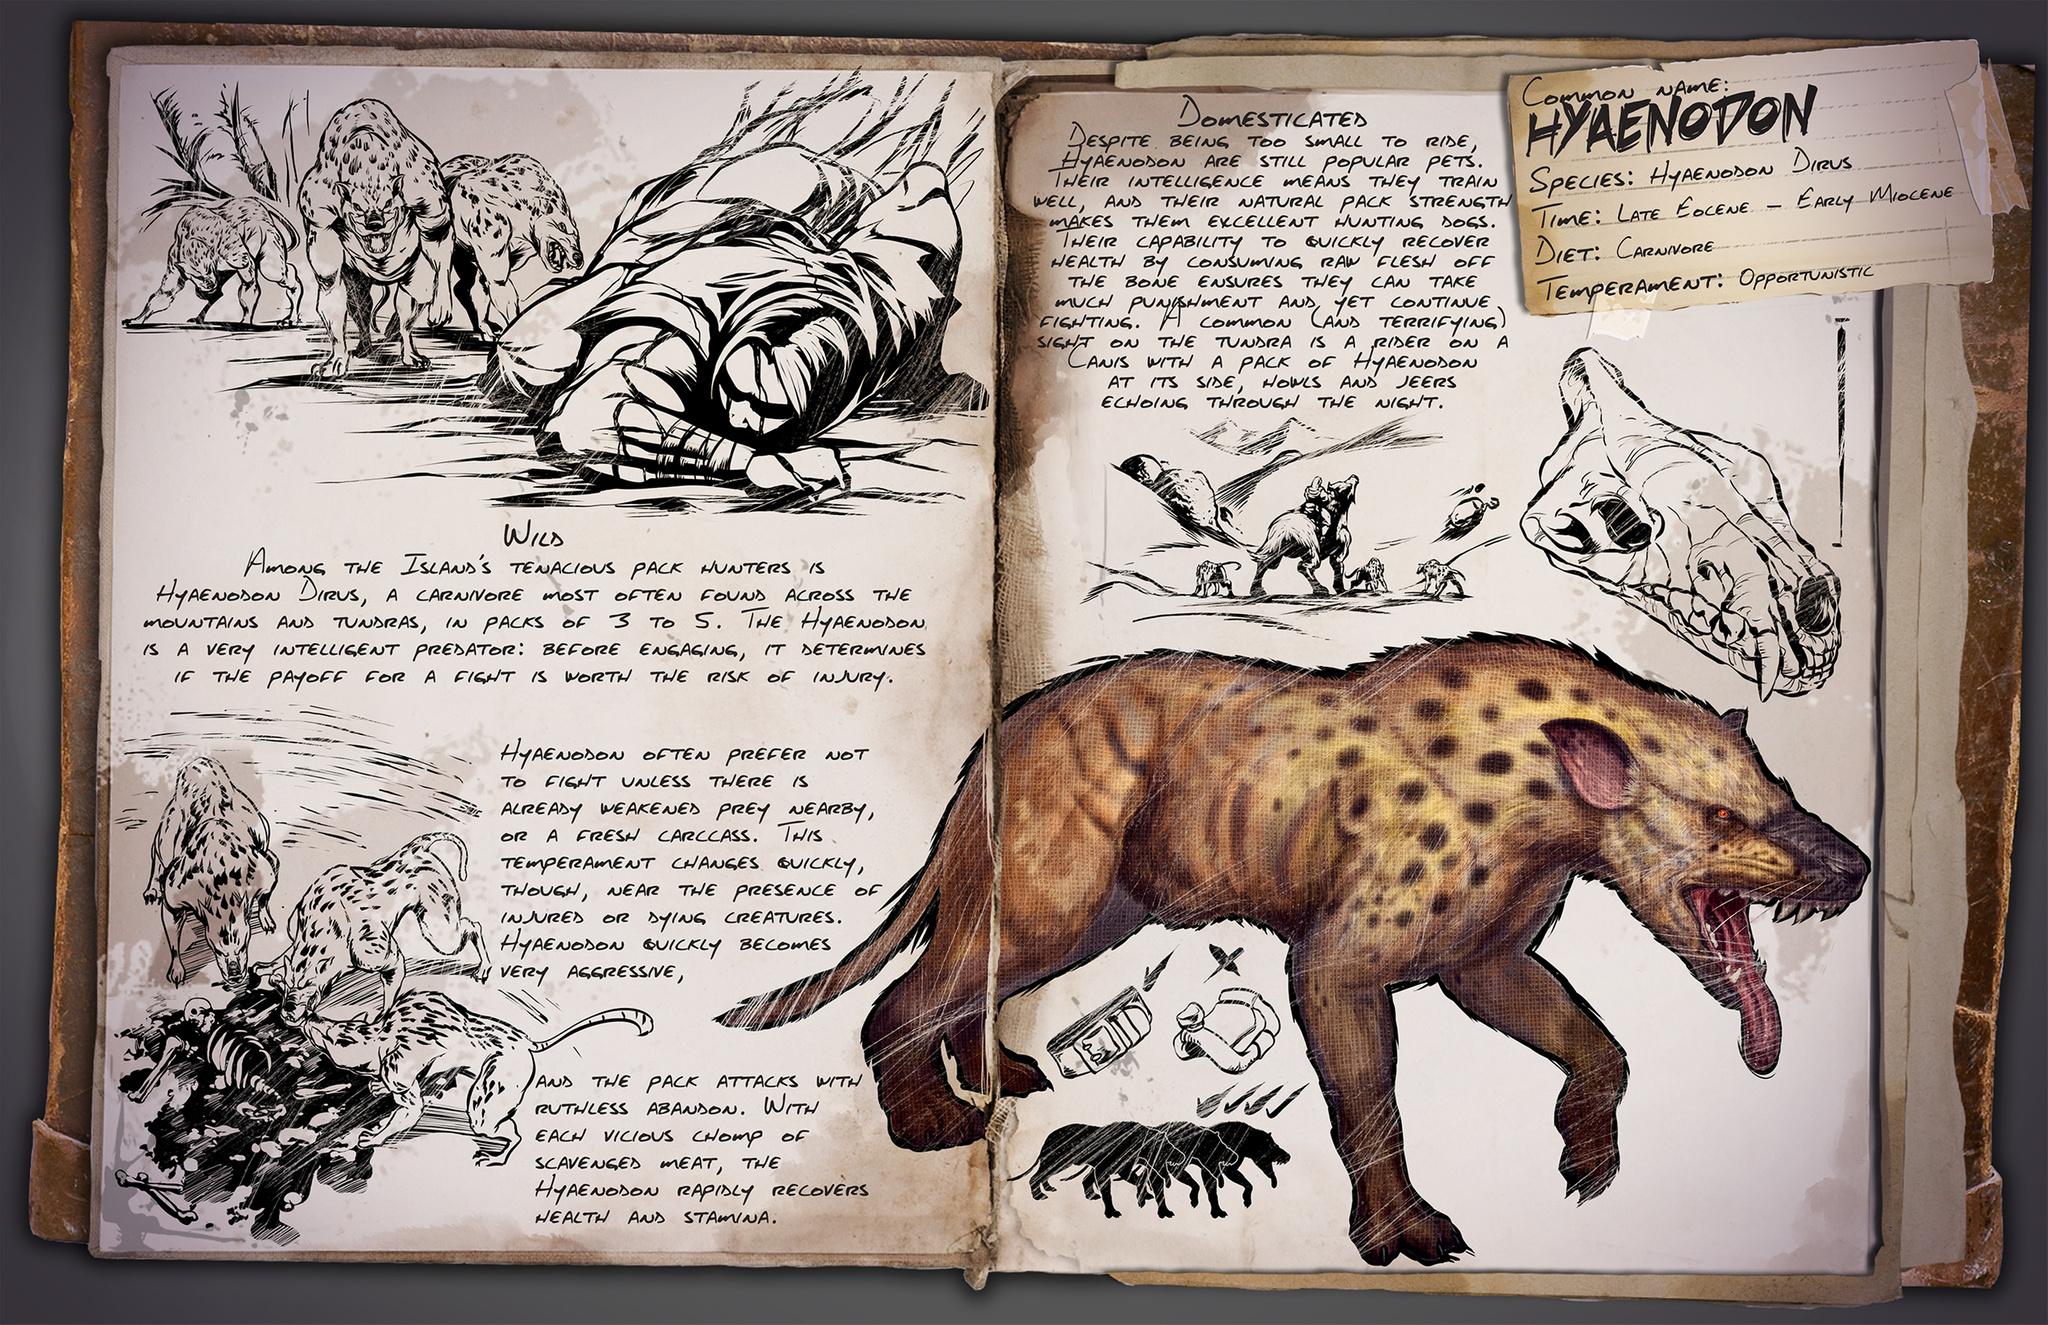 Dino Dossier: Hyaenodon